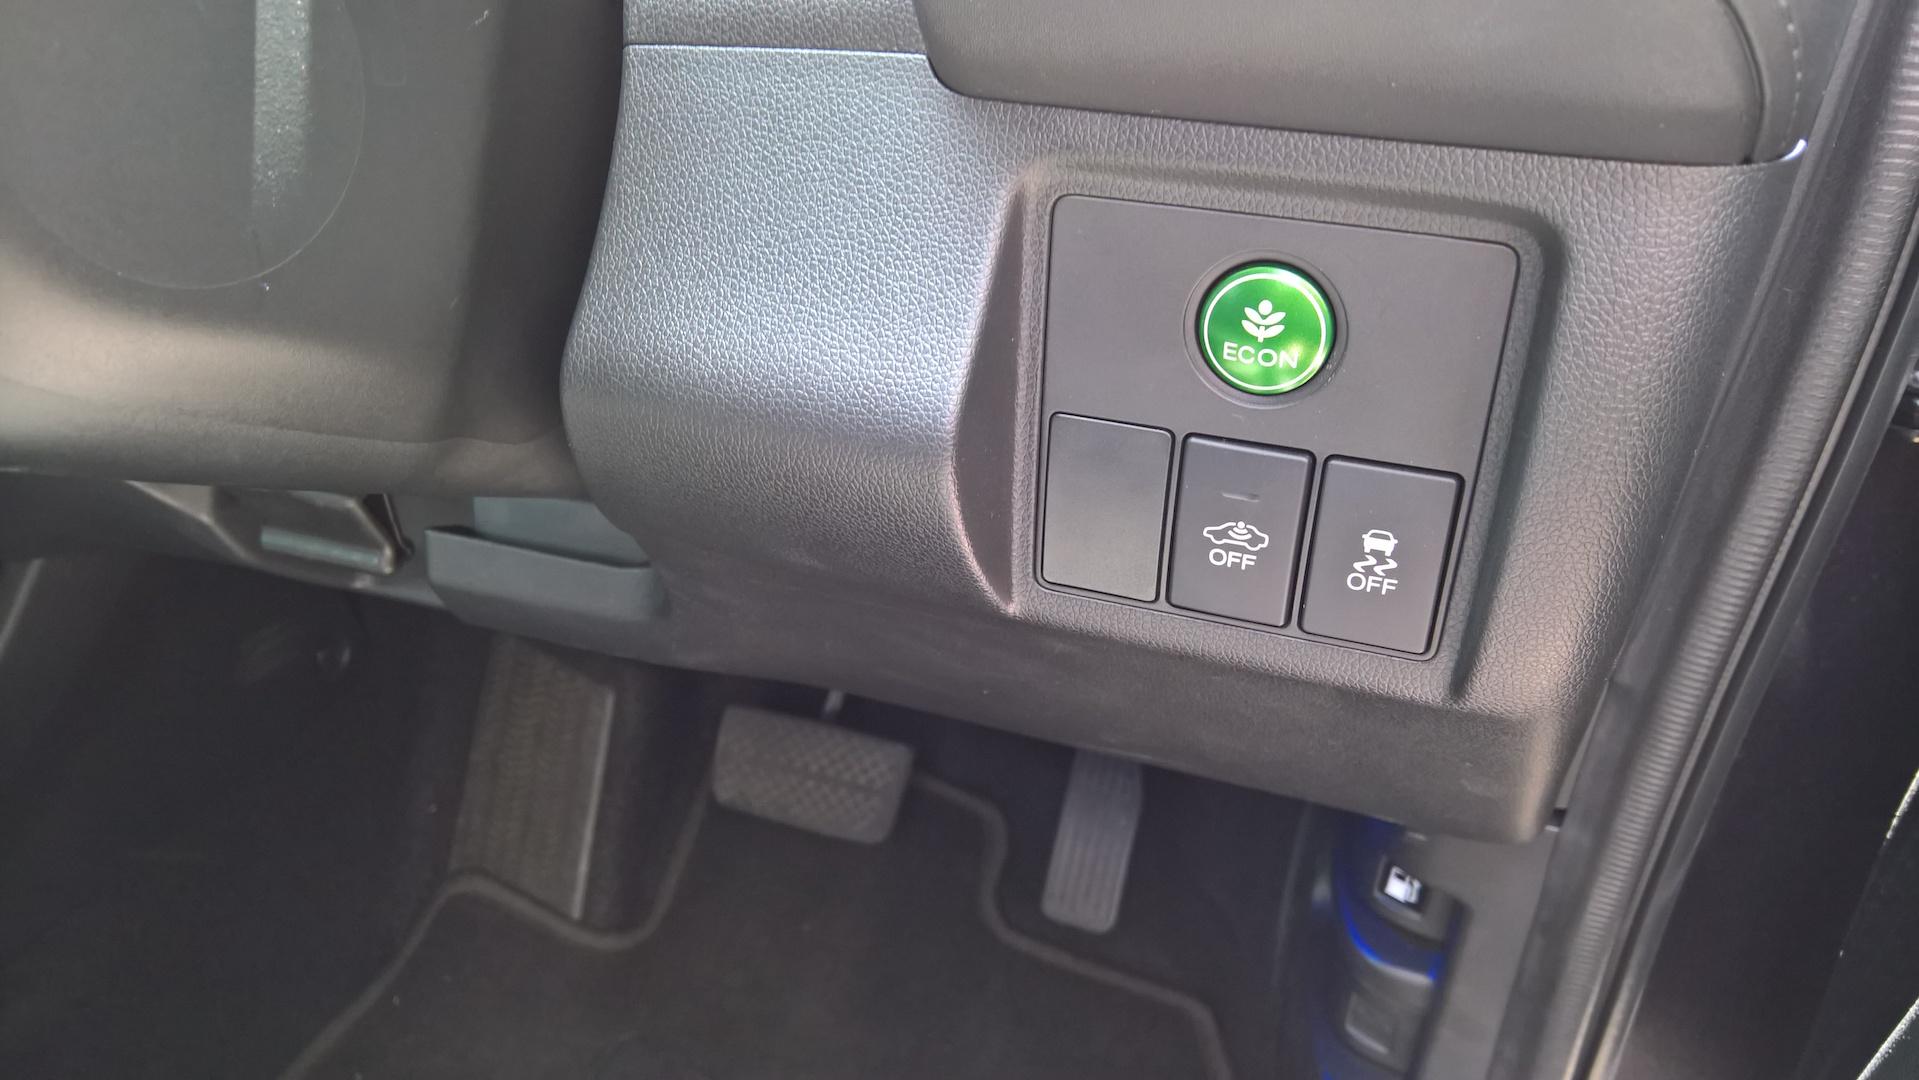 econ-button-honda